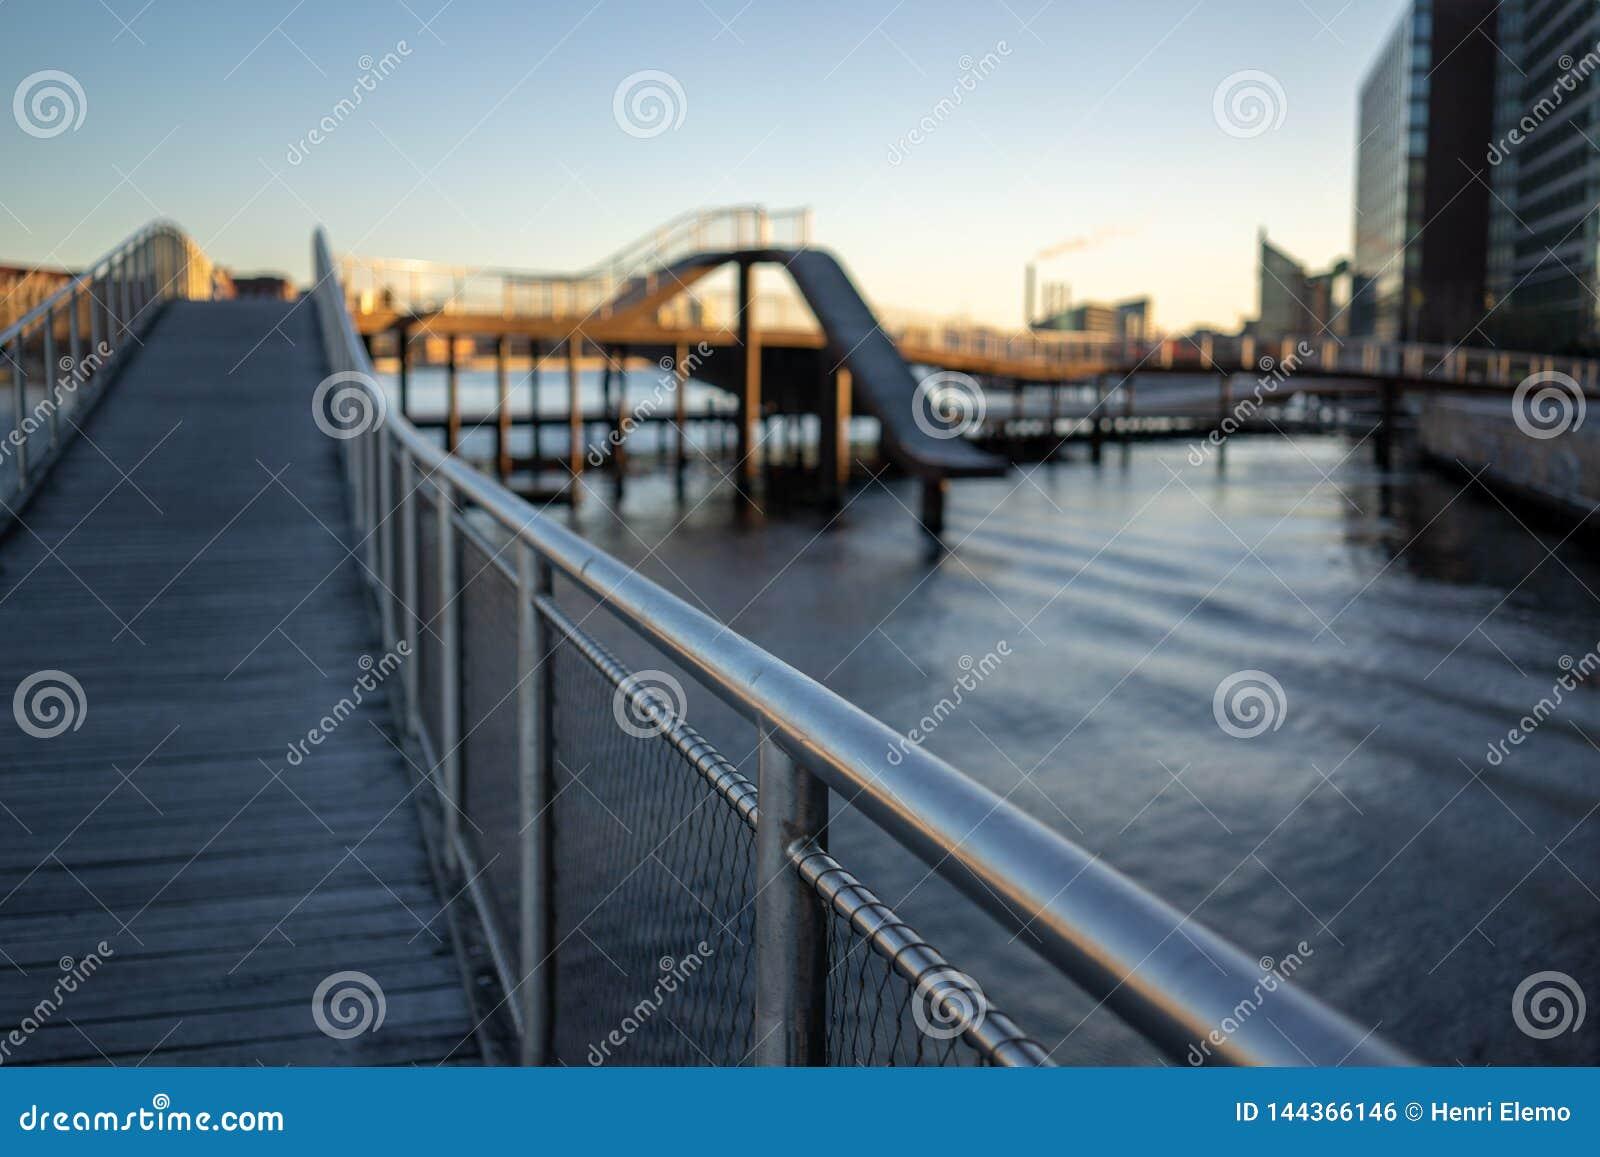 Copenhague, Danemark - 1er avril 2019 : Pont de Kalvobod qui est une structure moderne